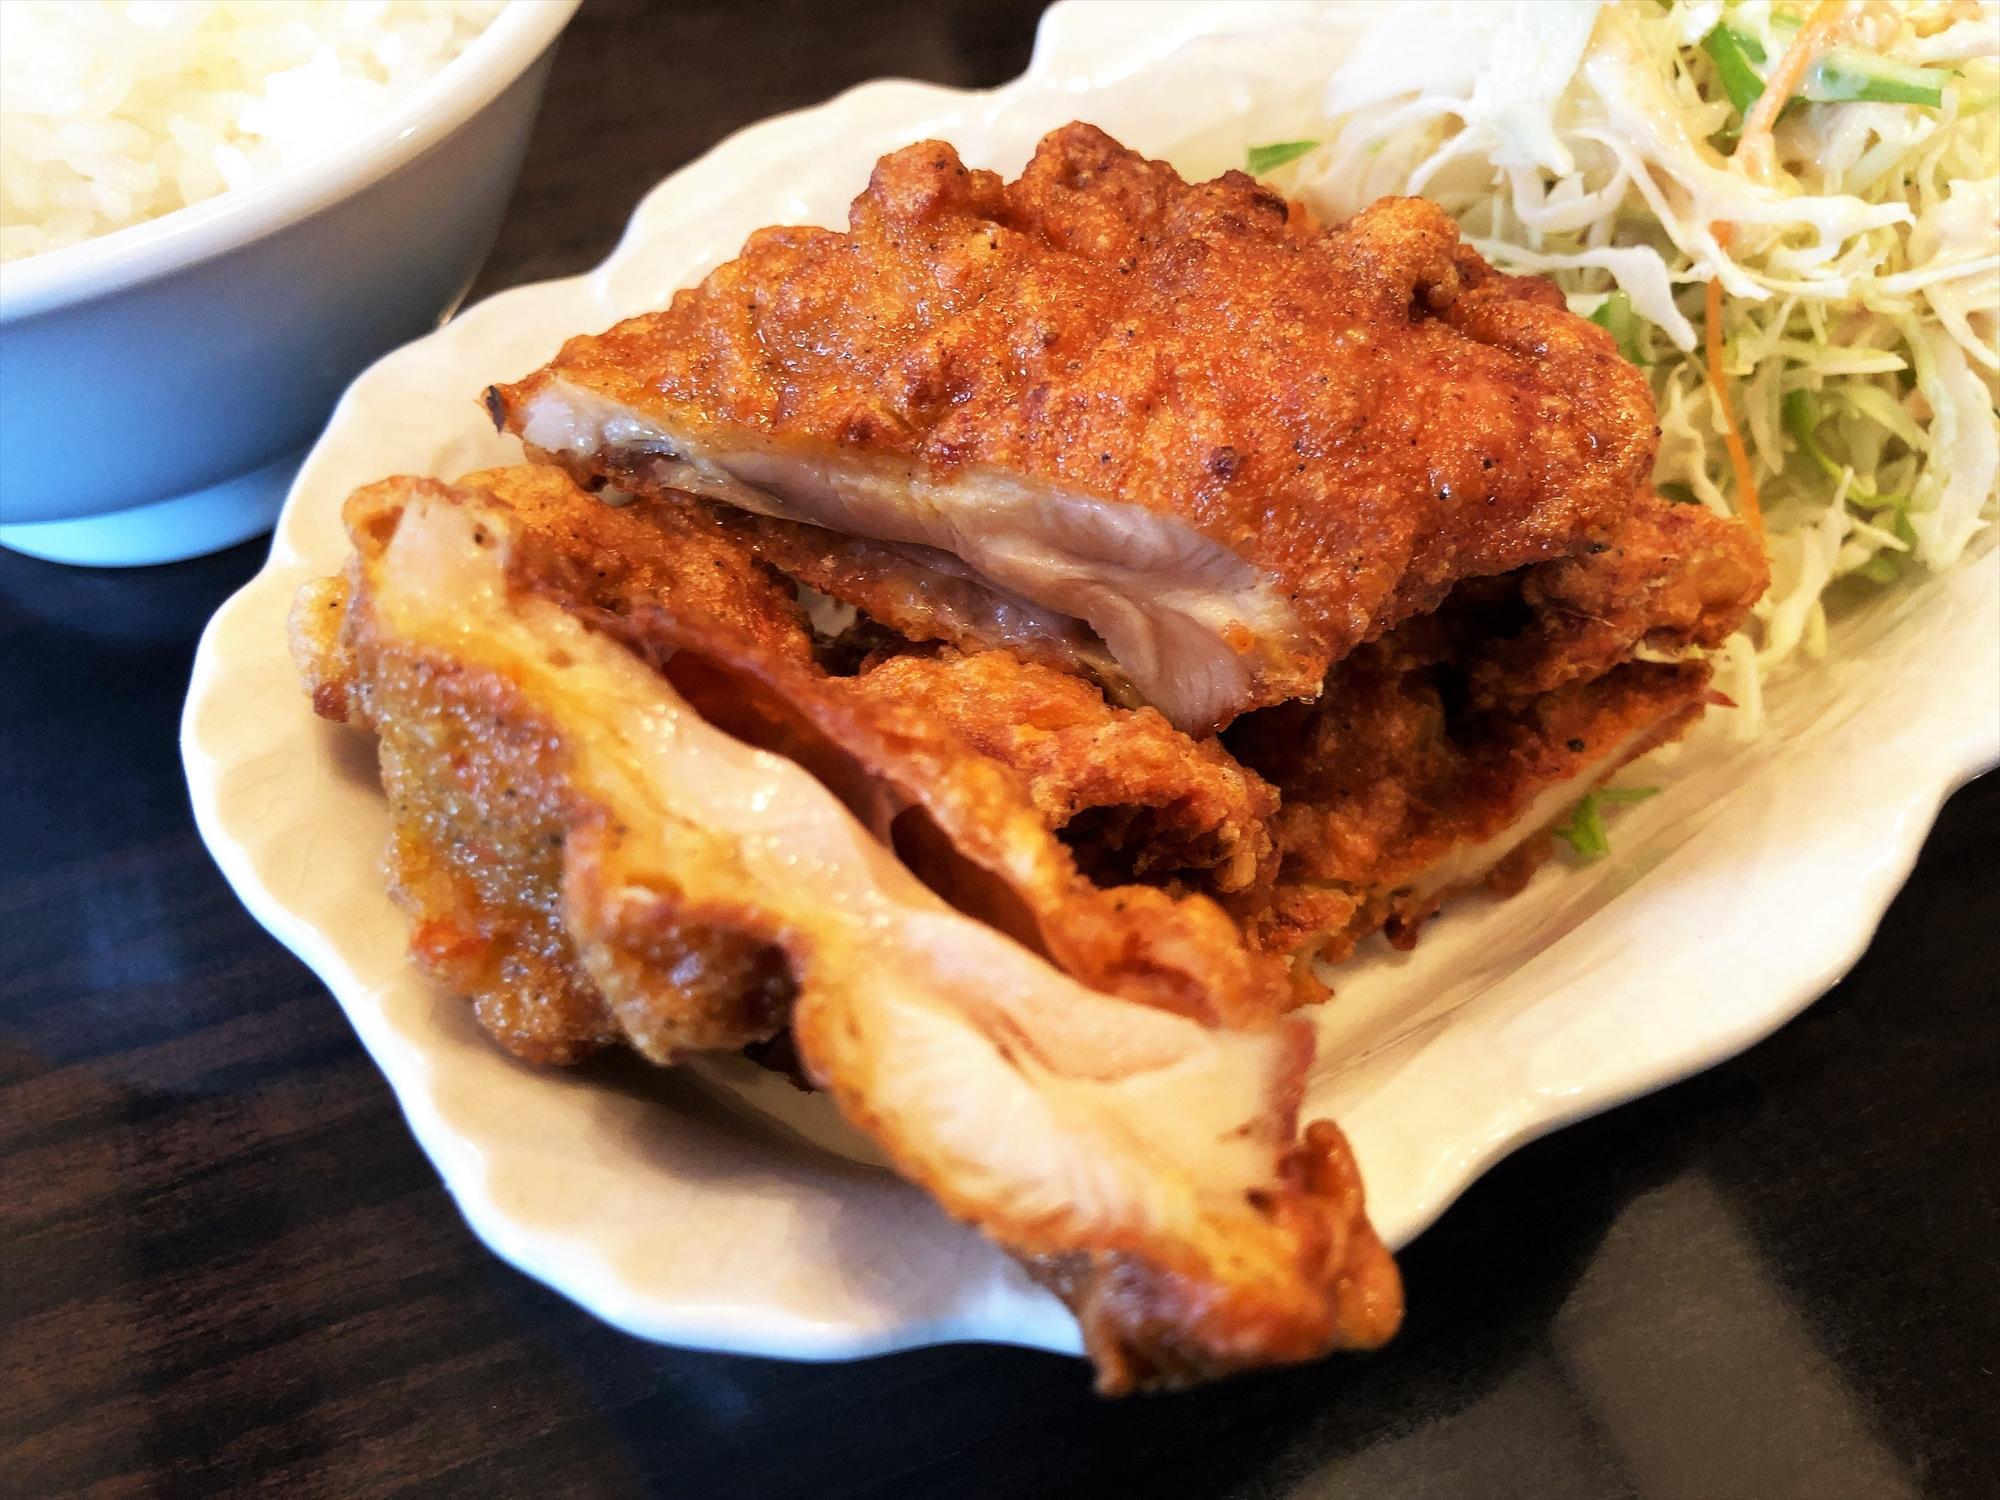 場中国料理 999 小籠包「唐揚げ及びライス」